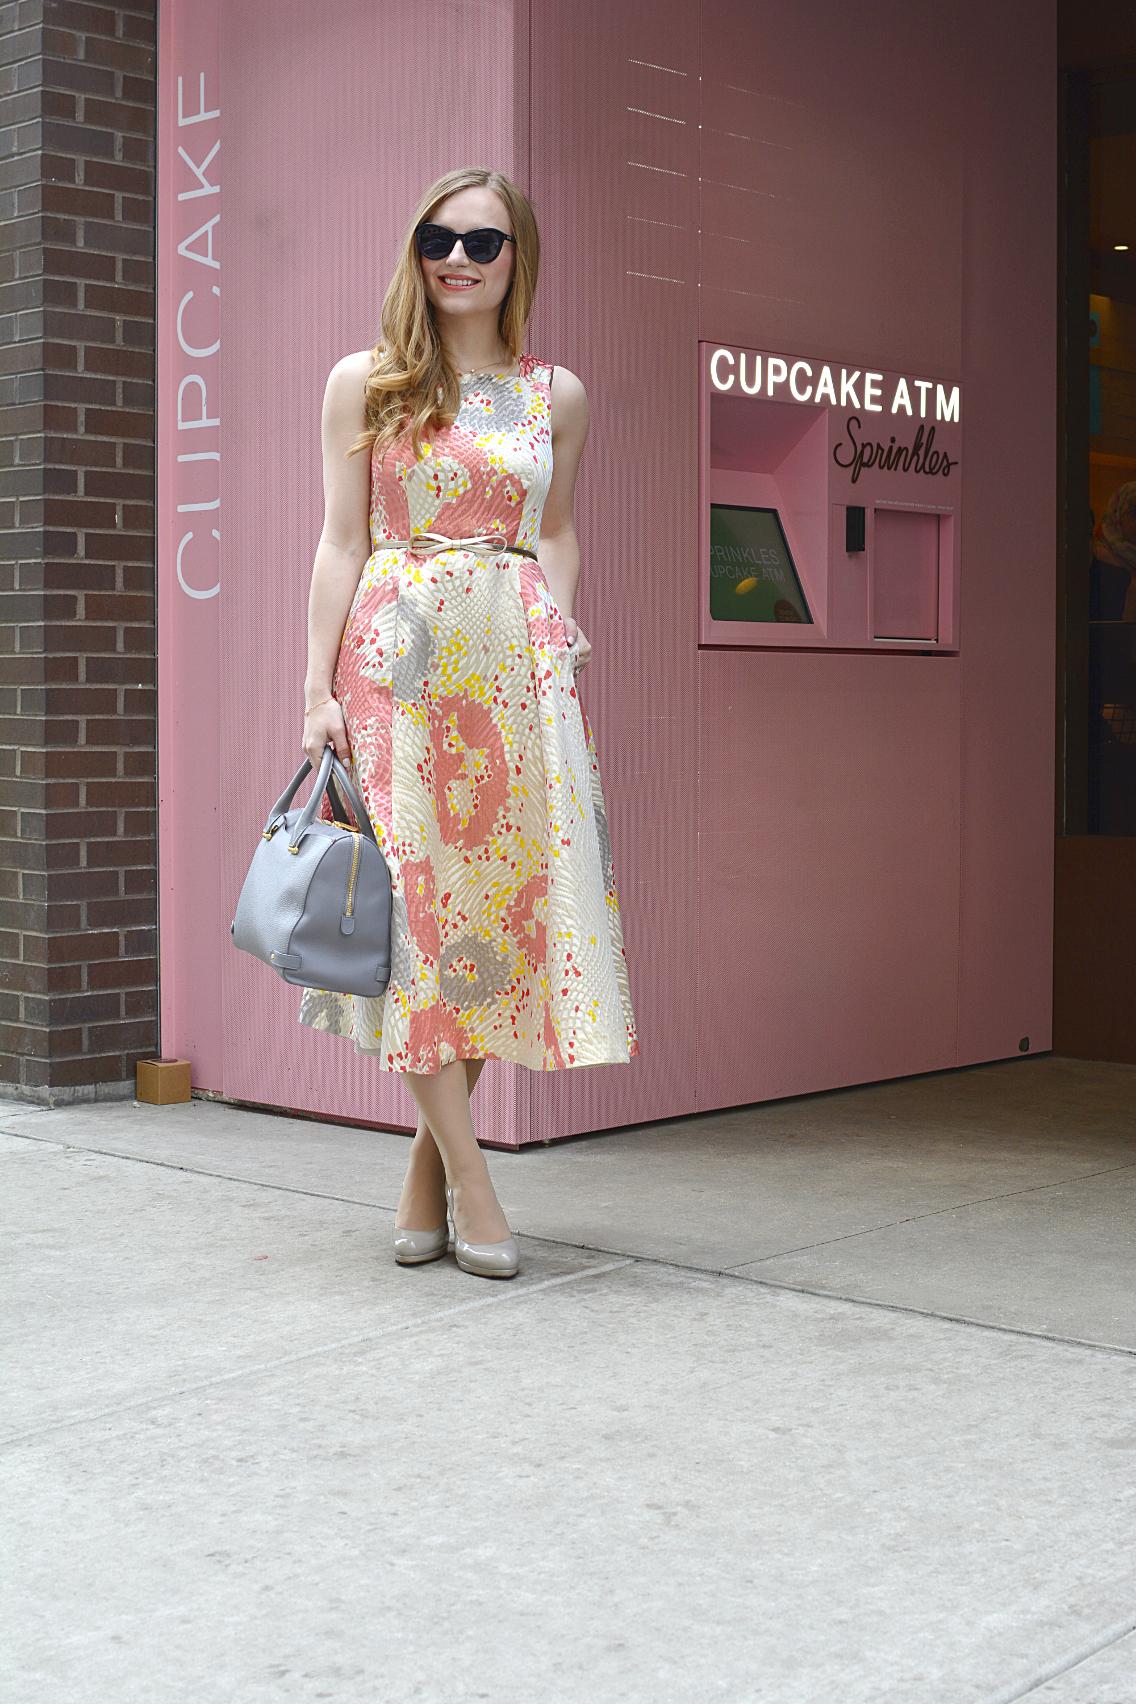 LK Bennett Chicago Gardo Jacquard Dress Sprinkles Cupcakes 5